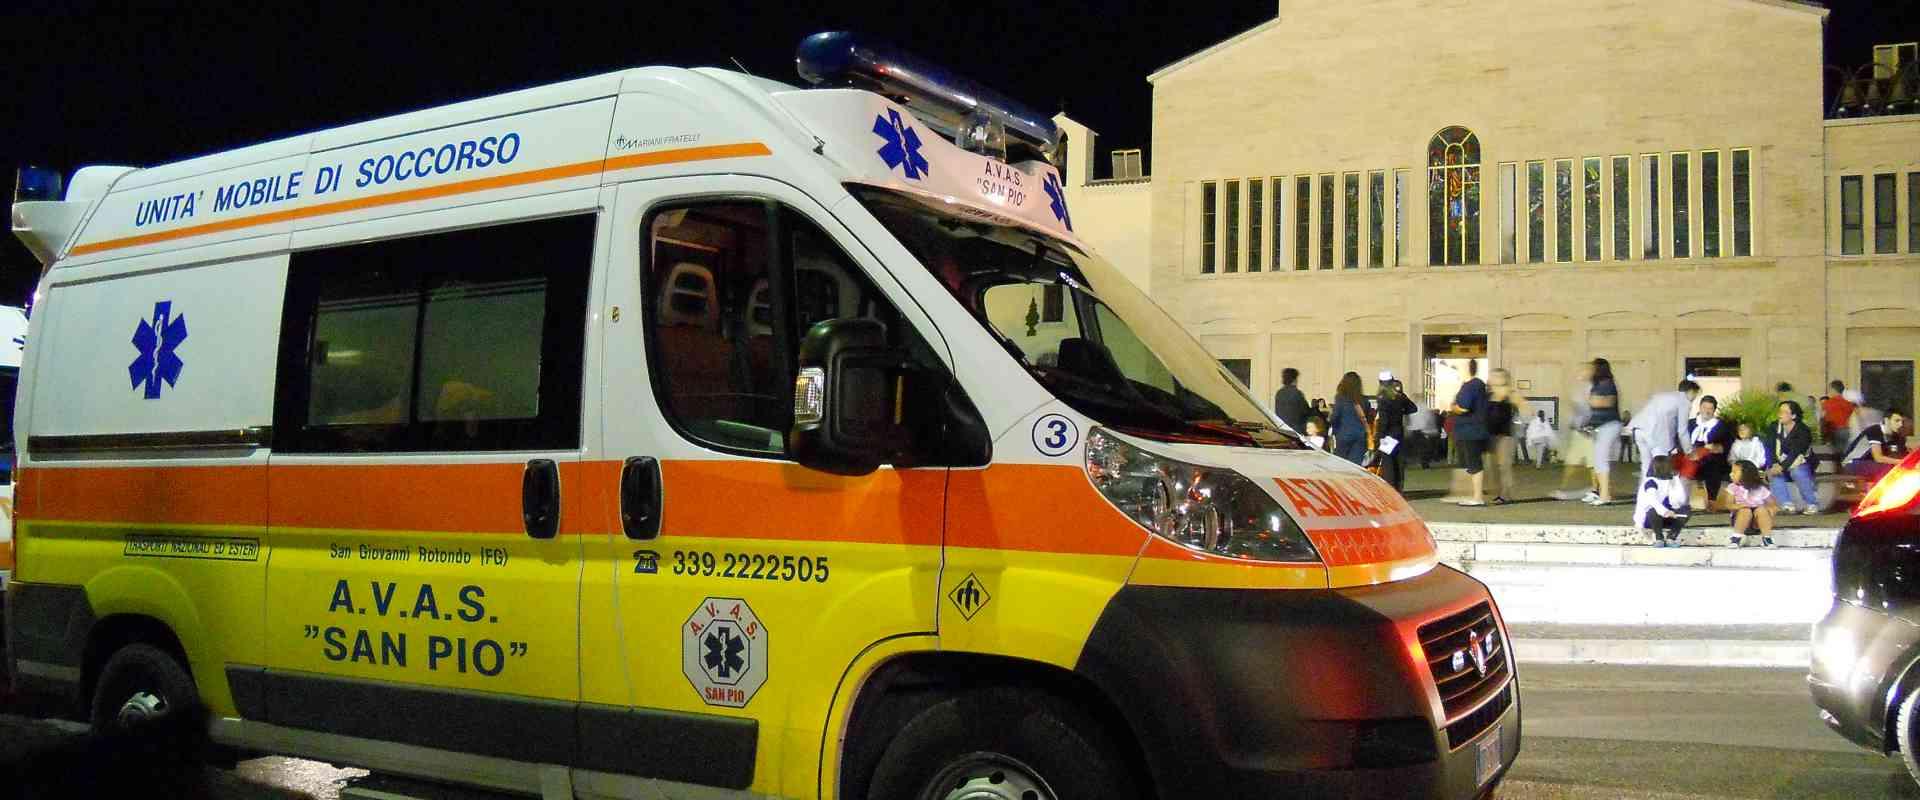 Avas San Pio Associazione-Volontariato San Giovanni Rotondo